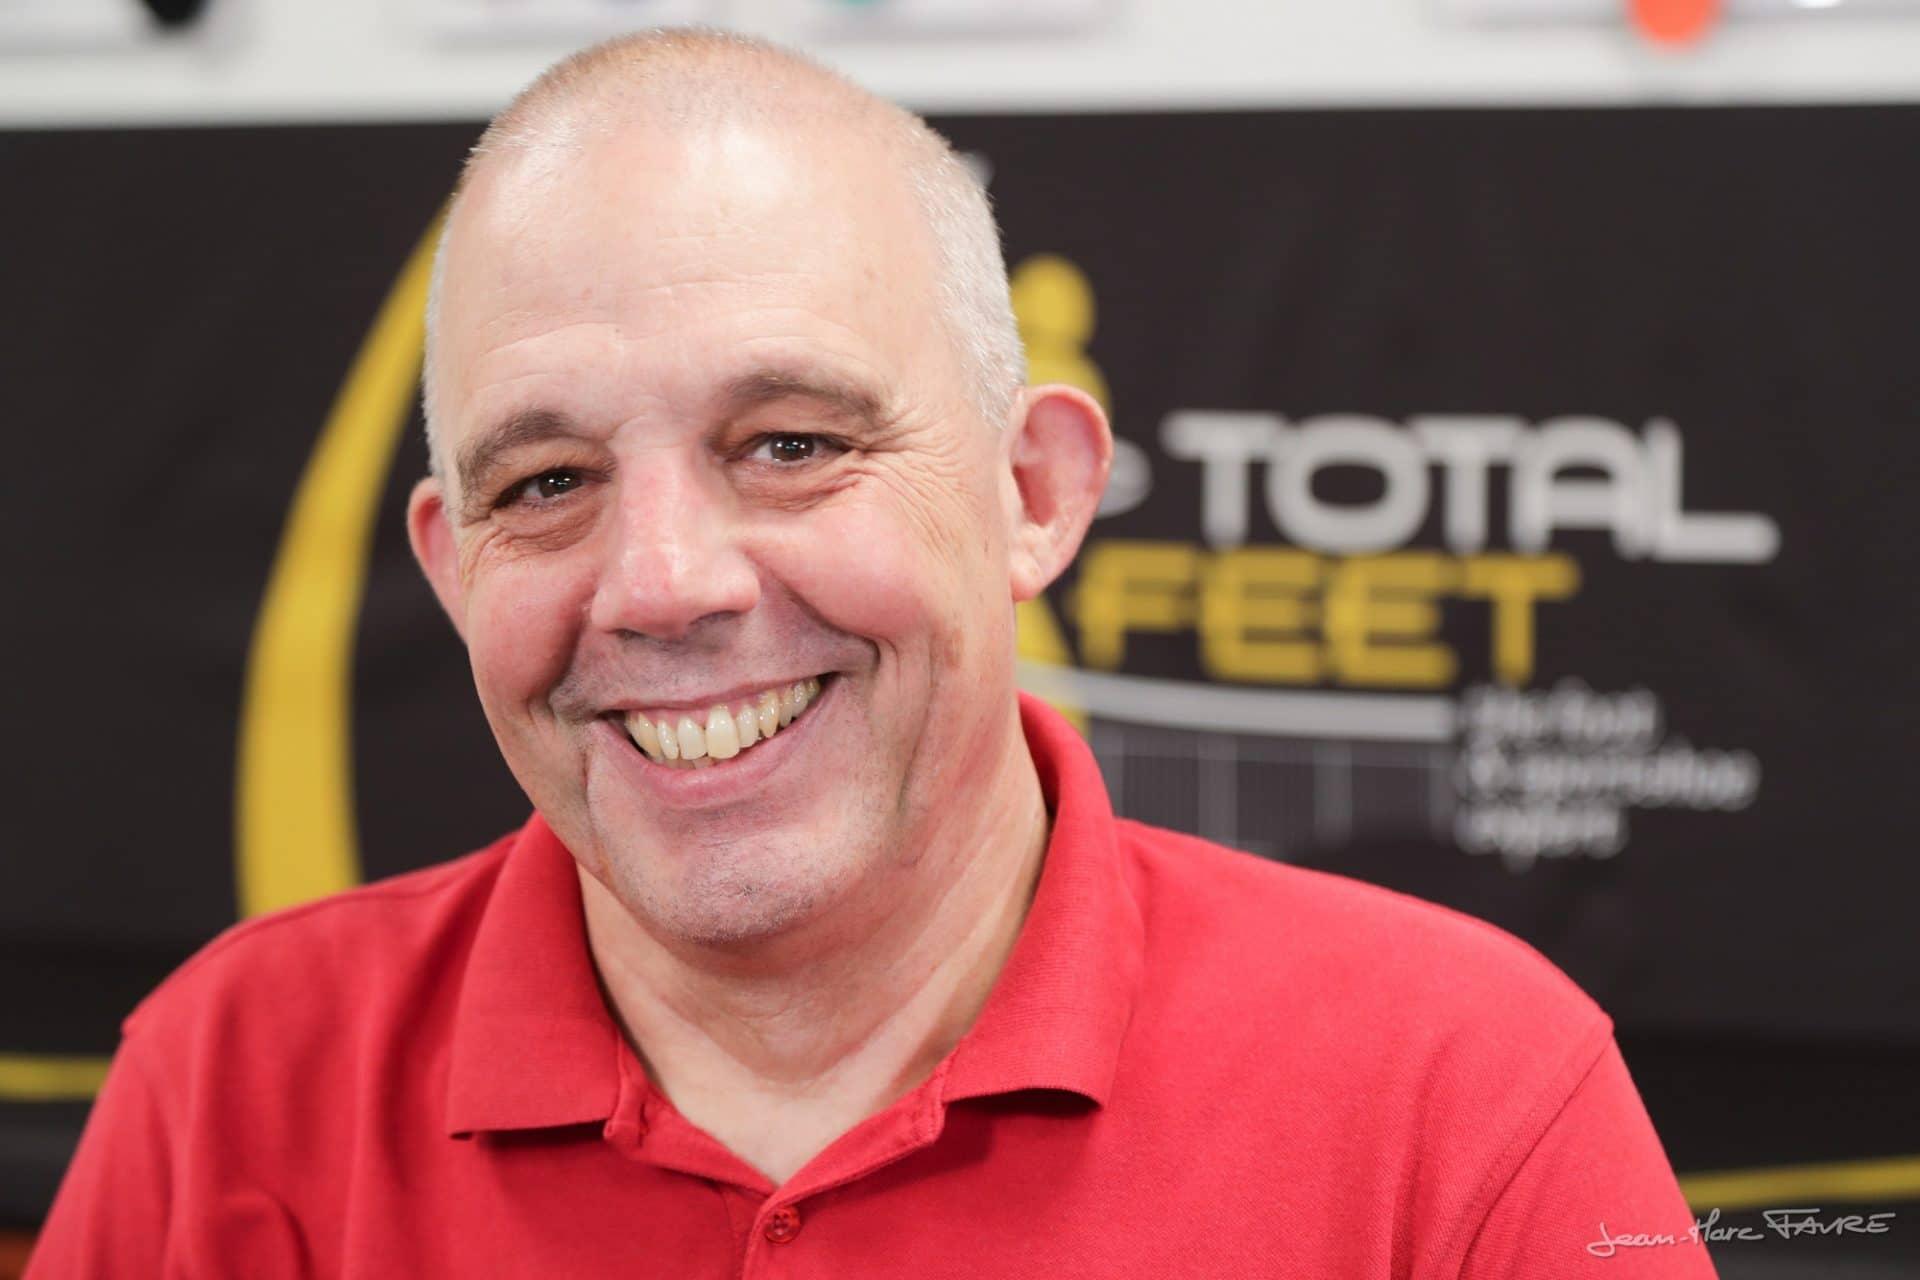 Mark Festor Total Feet